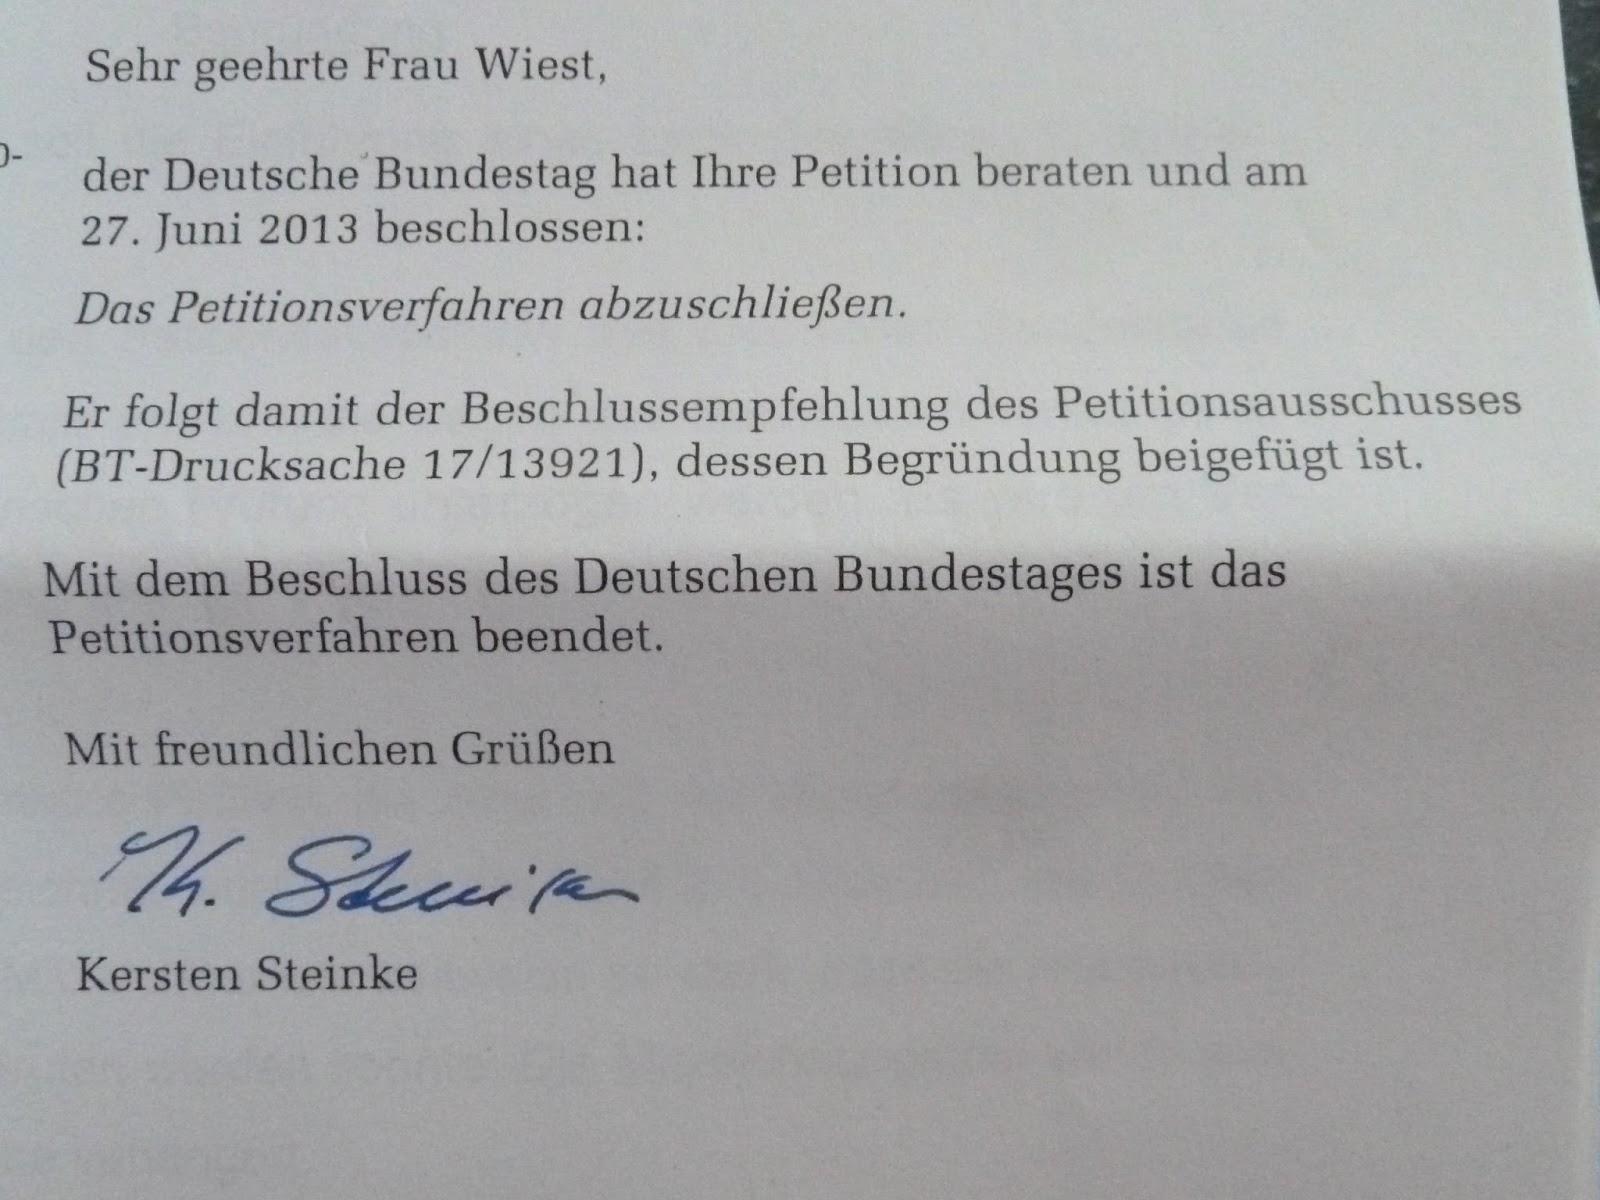 Begründung aus dem Bundestag: Uninspiriert, mutlos, seltsam